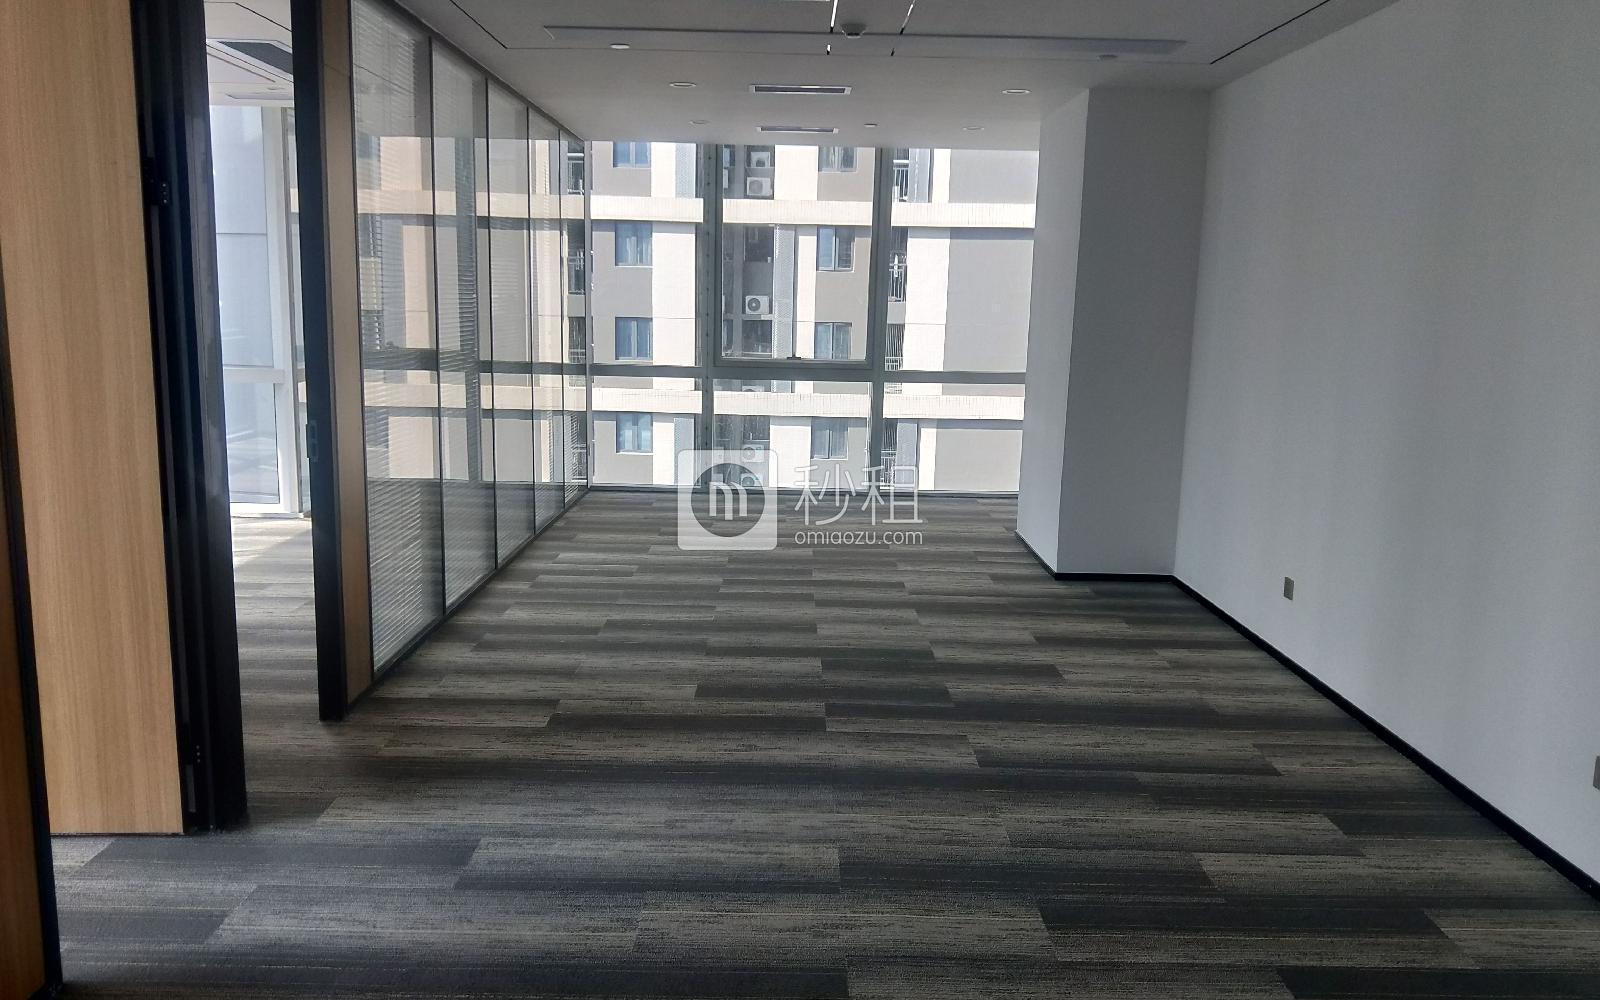 南山-科技园 华润城大冲商务中心 283m²